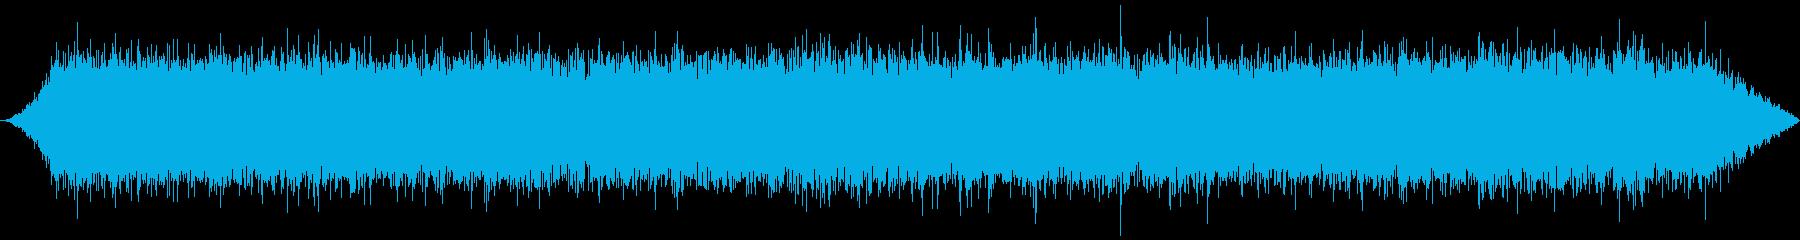 高炉:絶え間ないRo音、火のシーン...の再生済みの波形